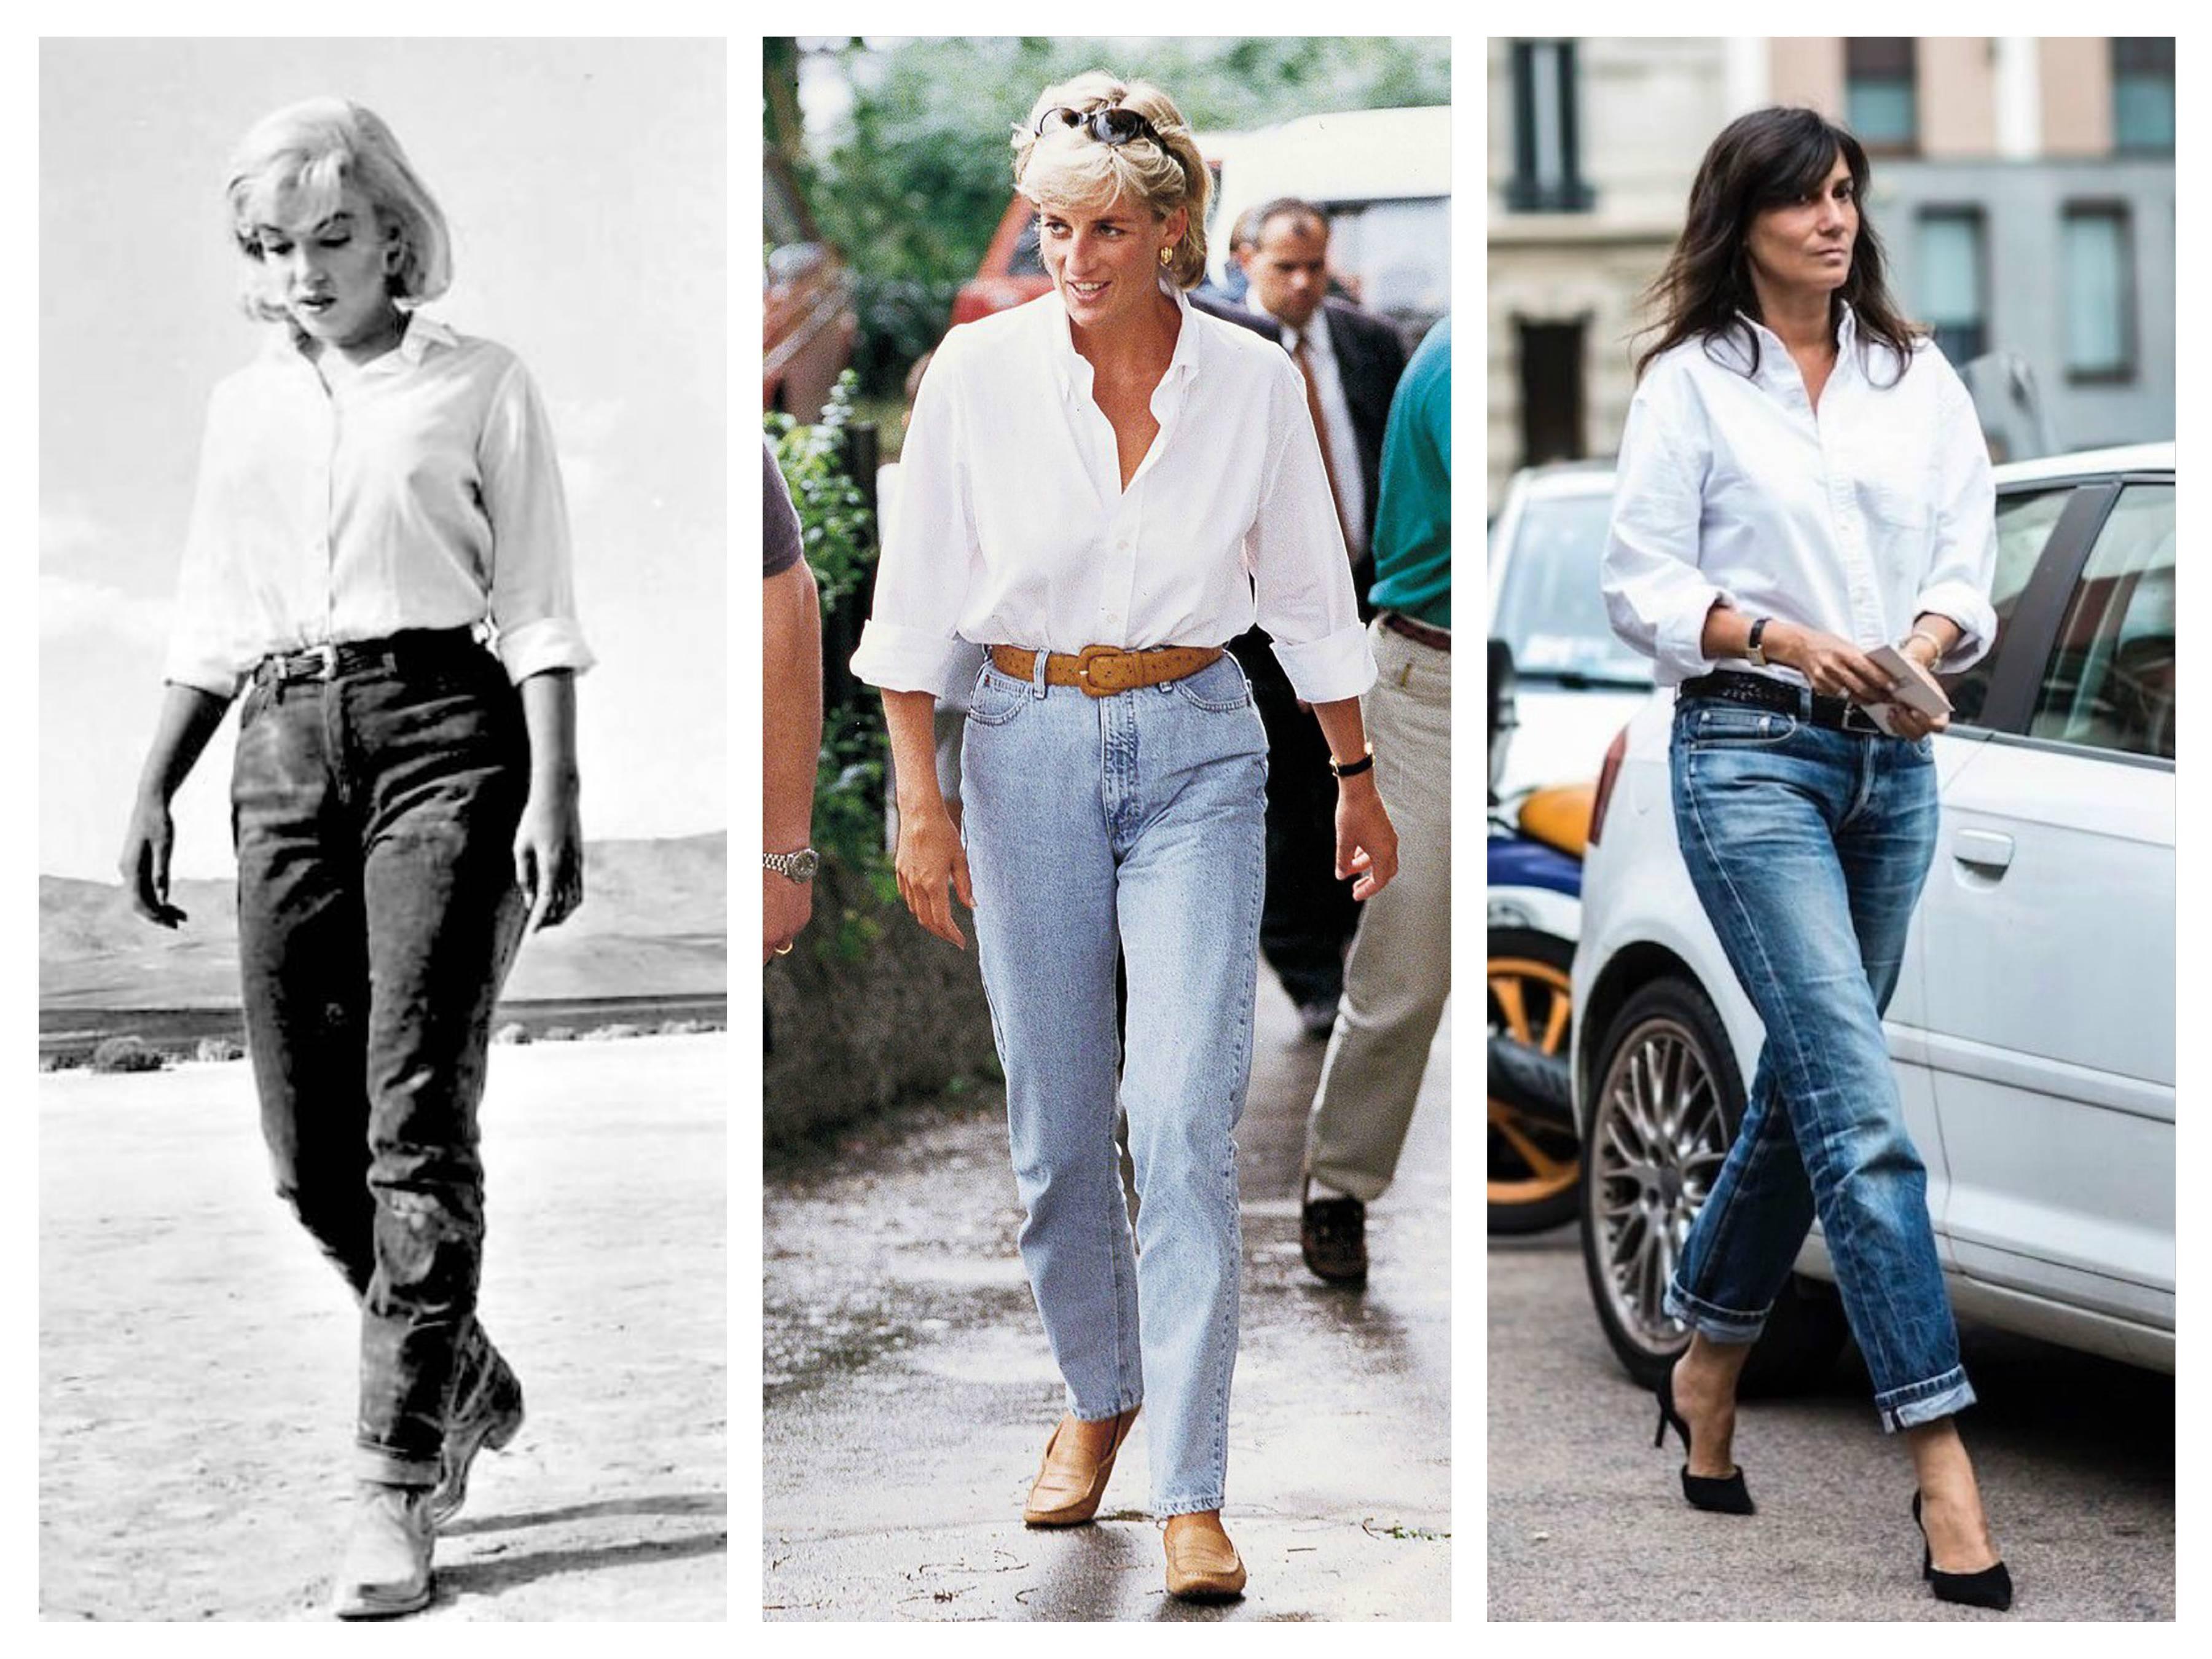 модные тренды 2019 белая рубашка джинсы как носить